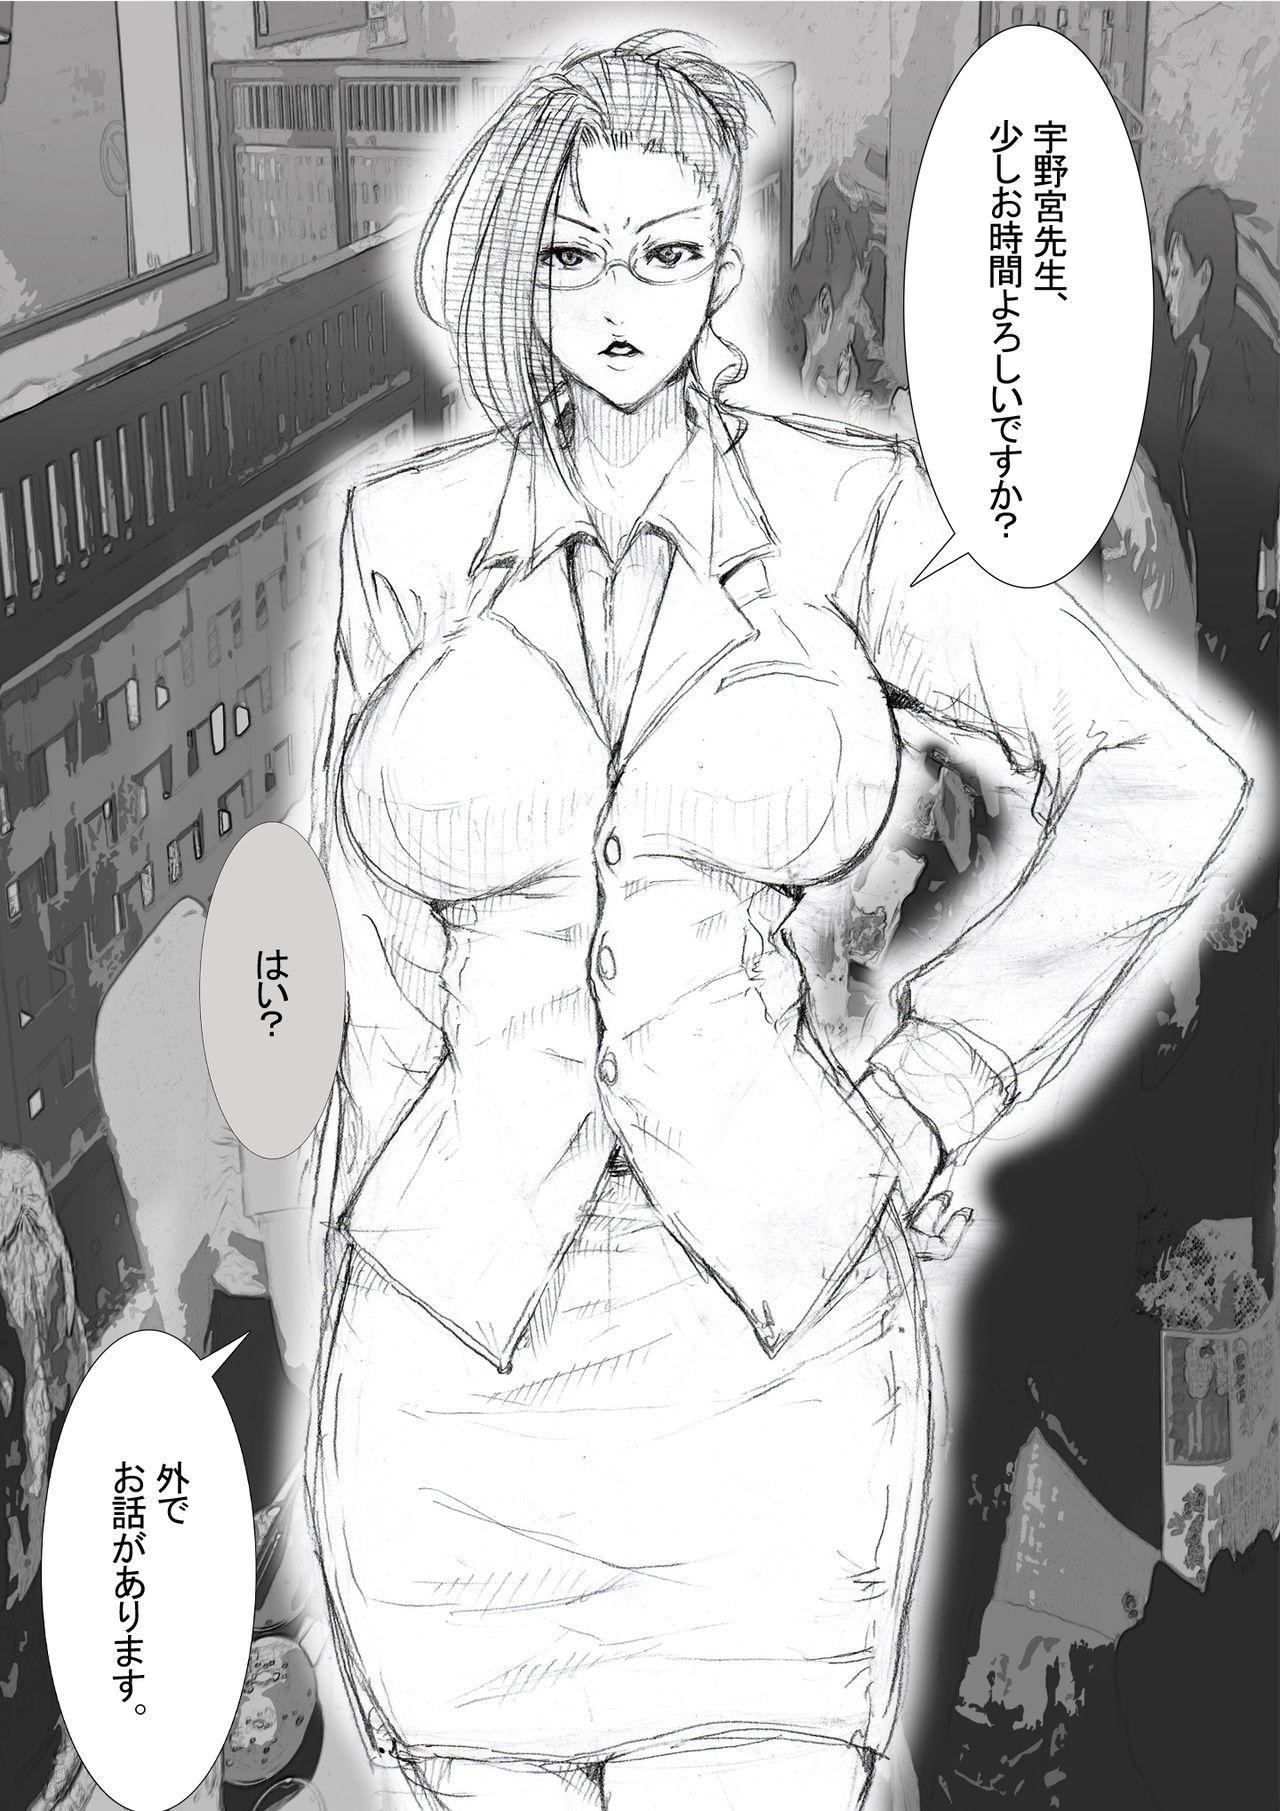 Ichinose Mikako no Baai 2